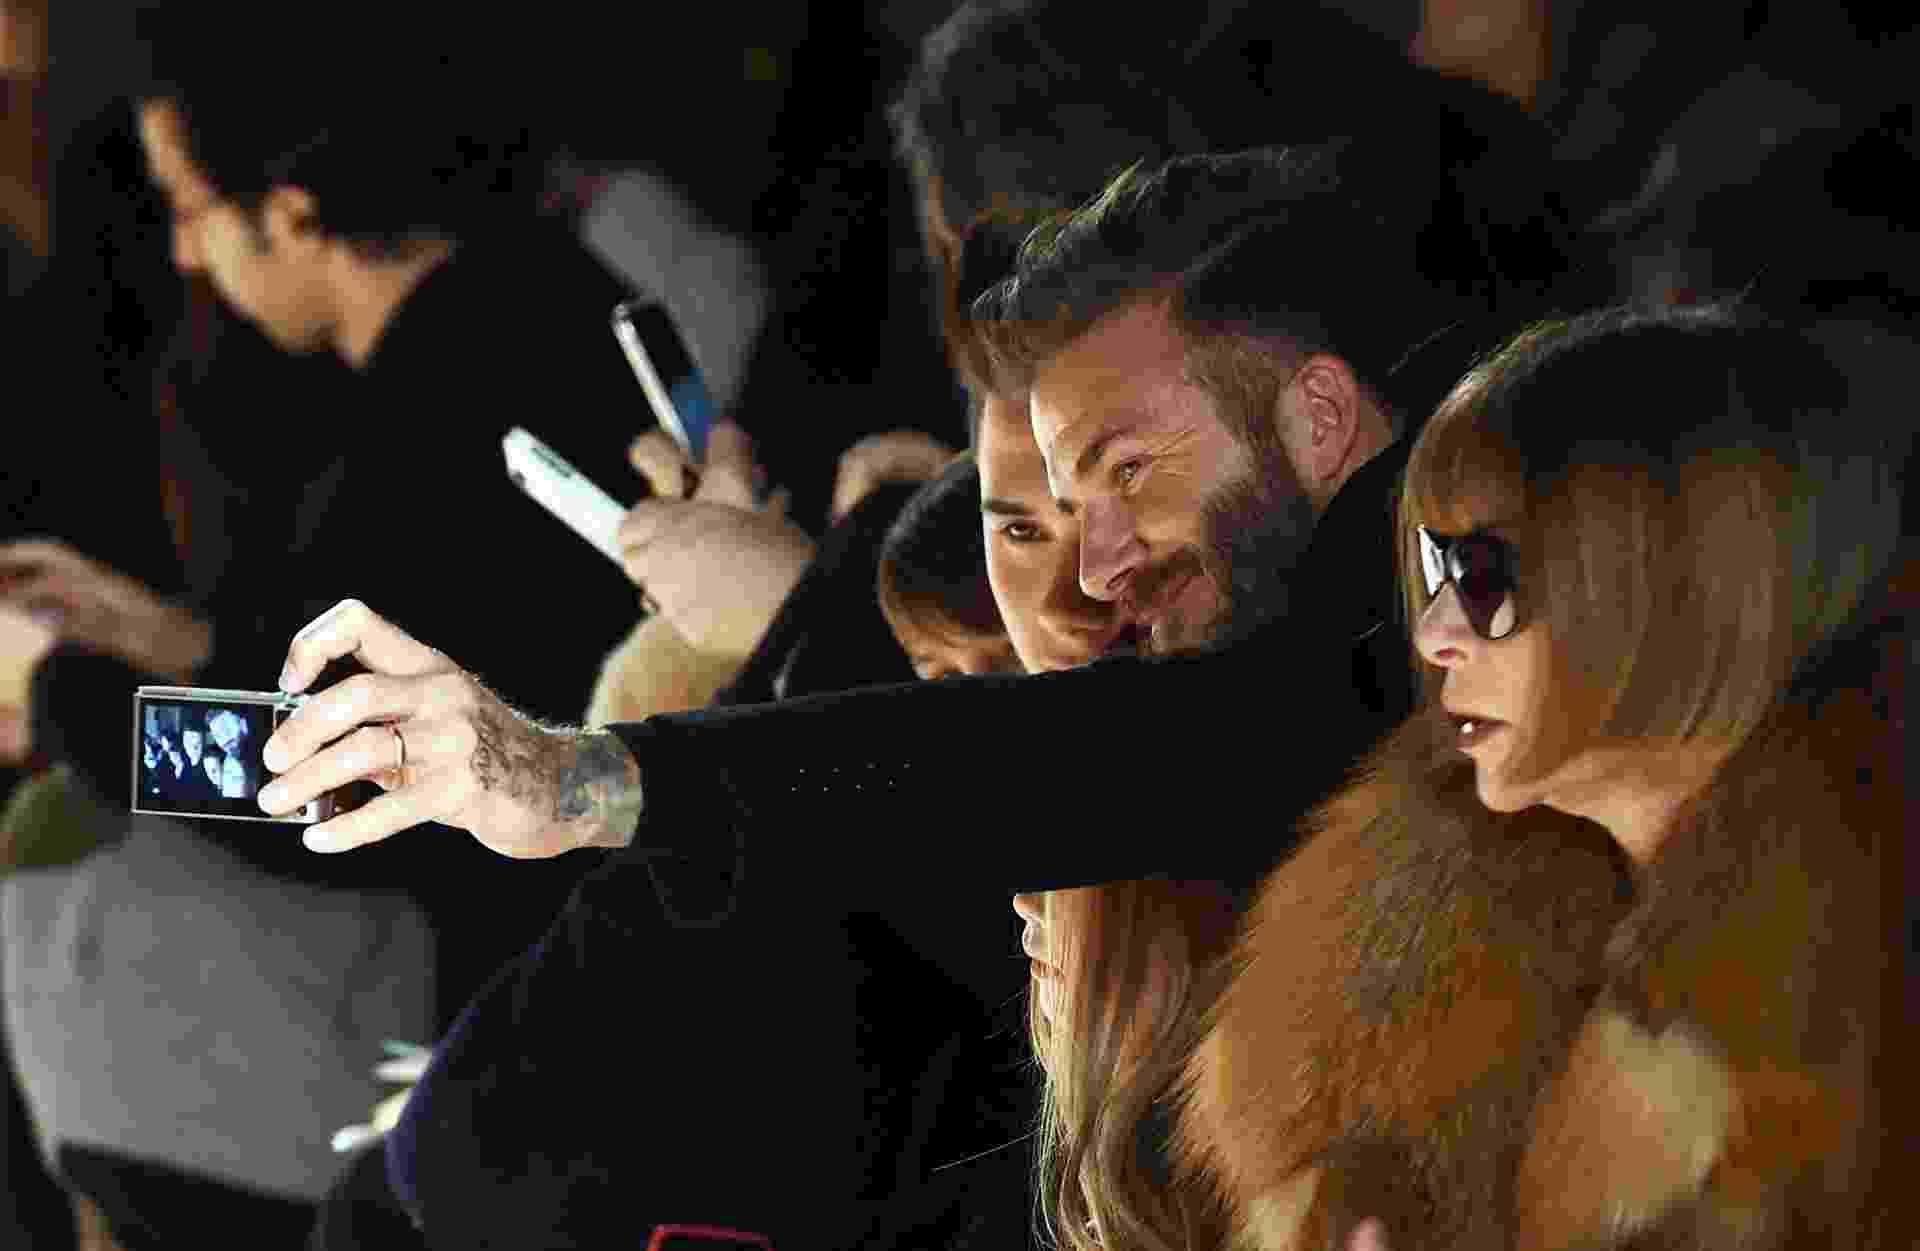 """15.fev.2015 - David Beckham faz um """"selfie"""" com o filho na primeira fila do desfile da coleção de Victoria Beckham na Semana de Moda de Nova York - AFP Photo/Jewel Samad"""